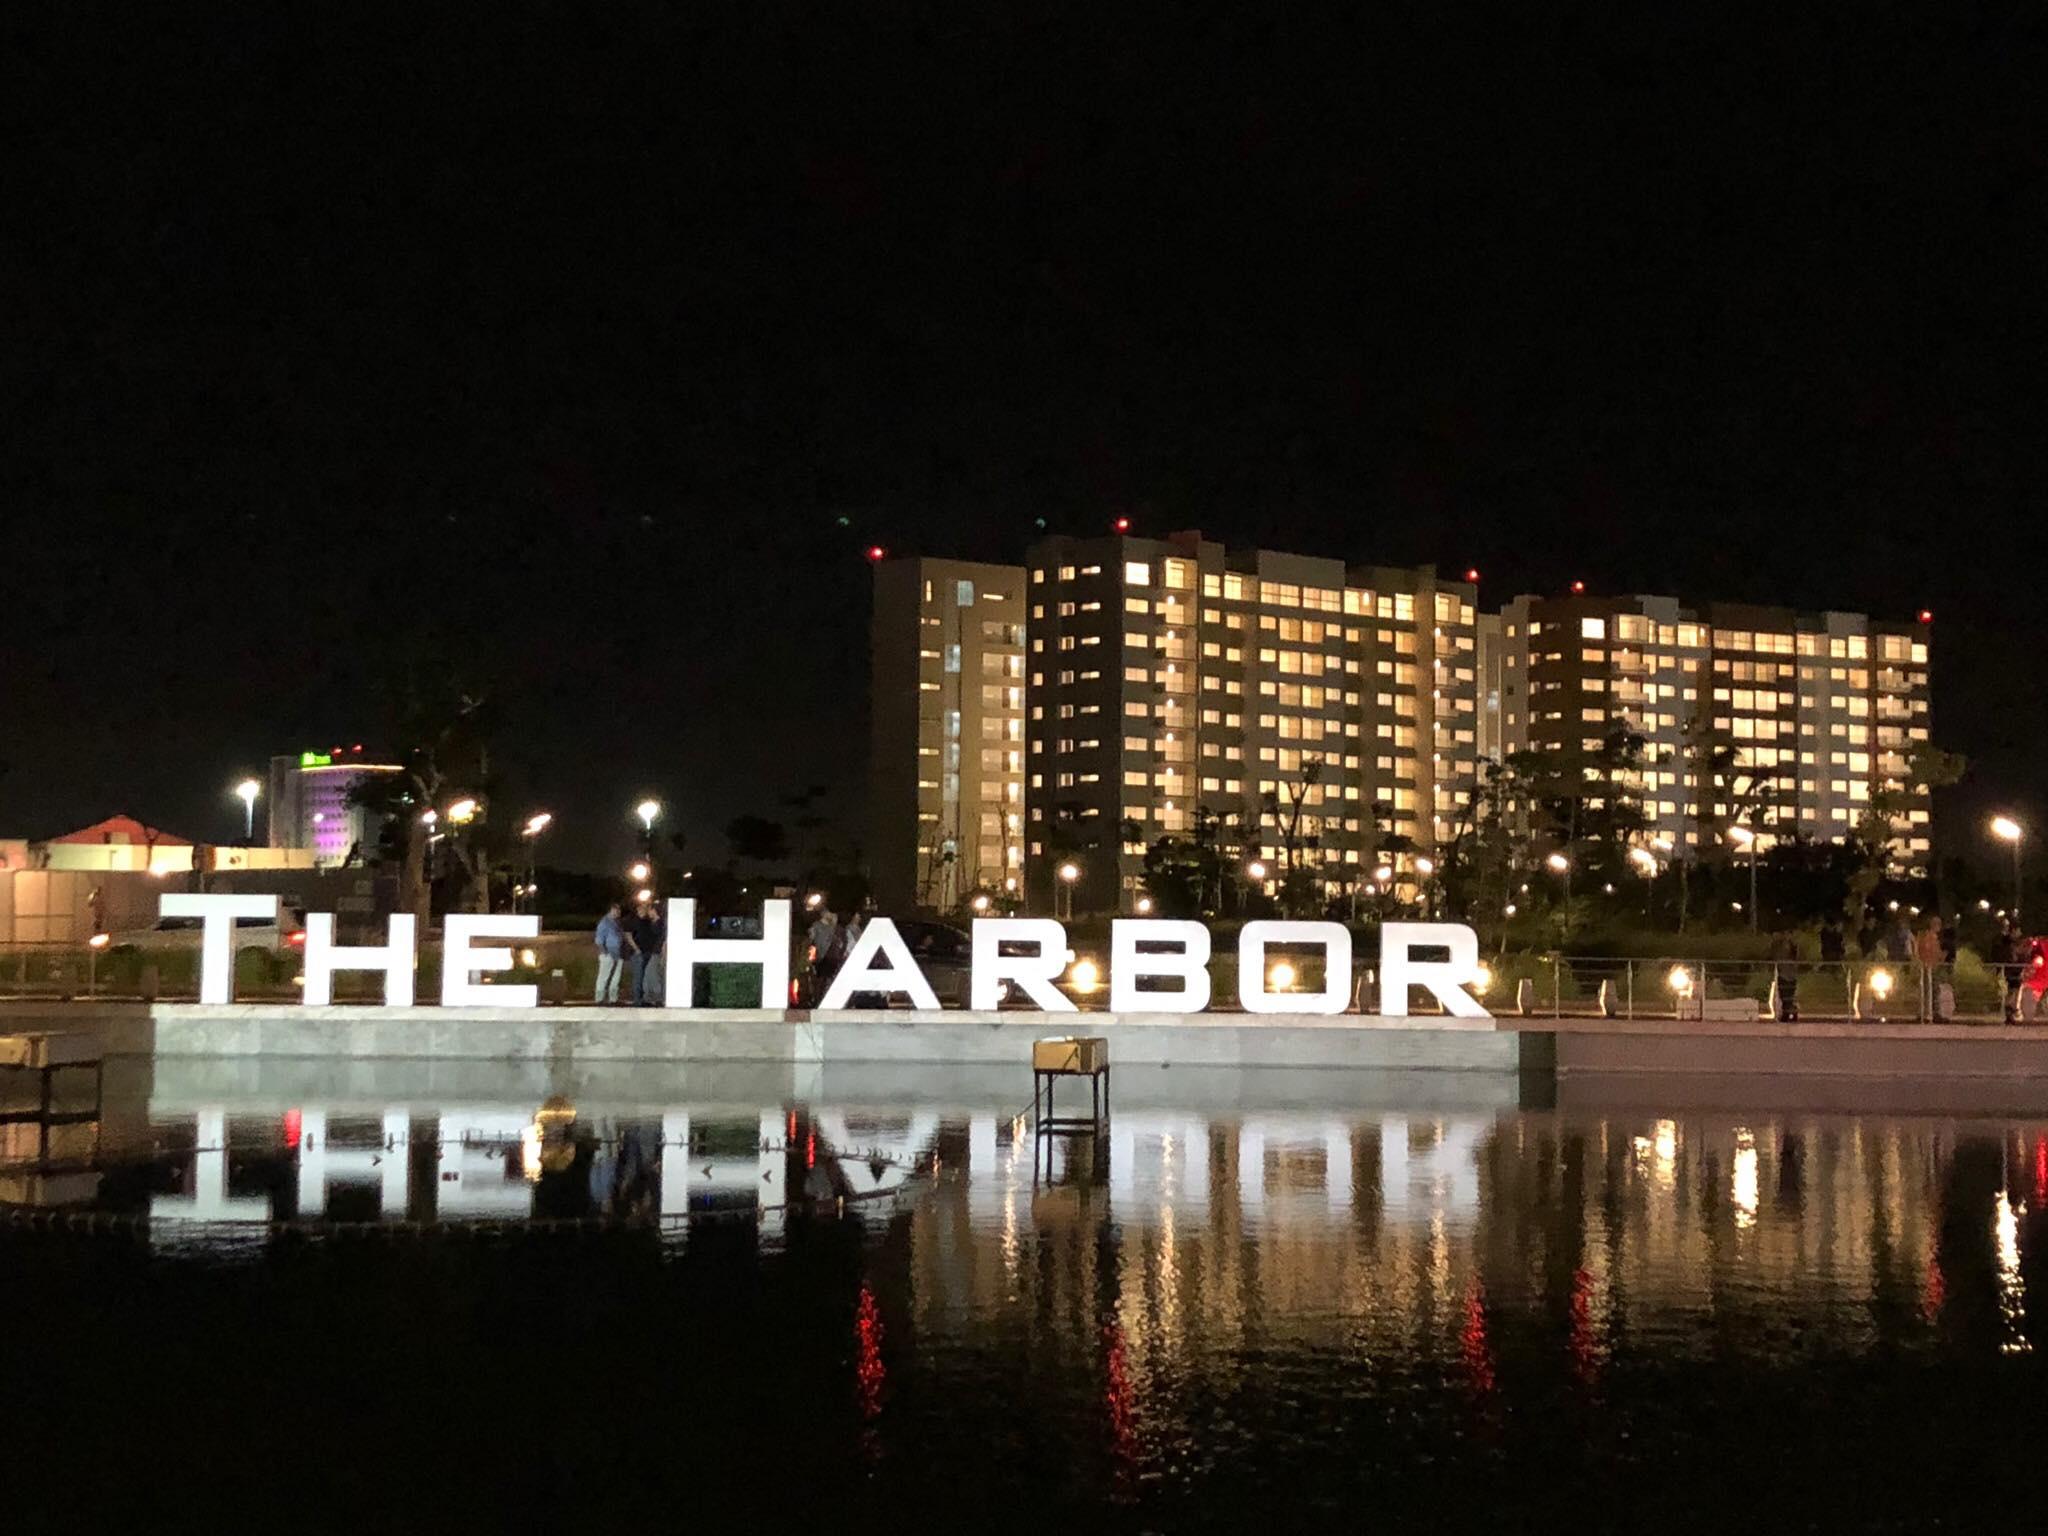 inauguracion-the-harbor-y-via-montejo